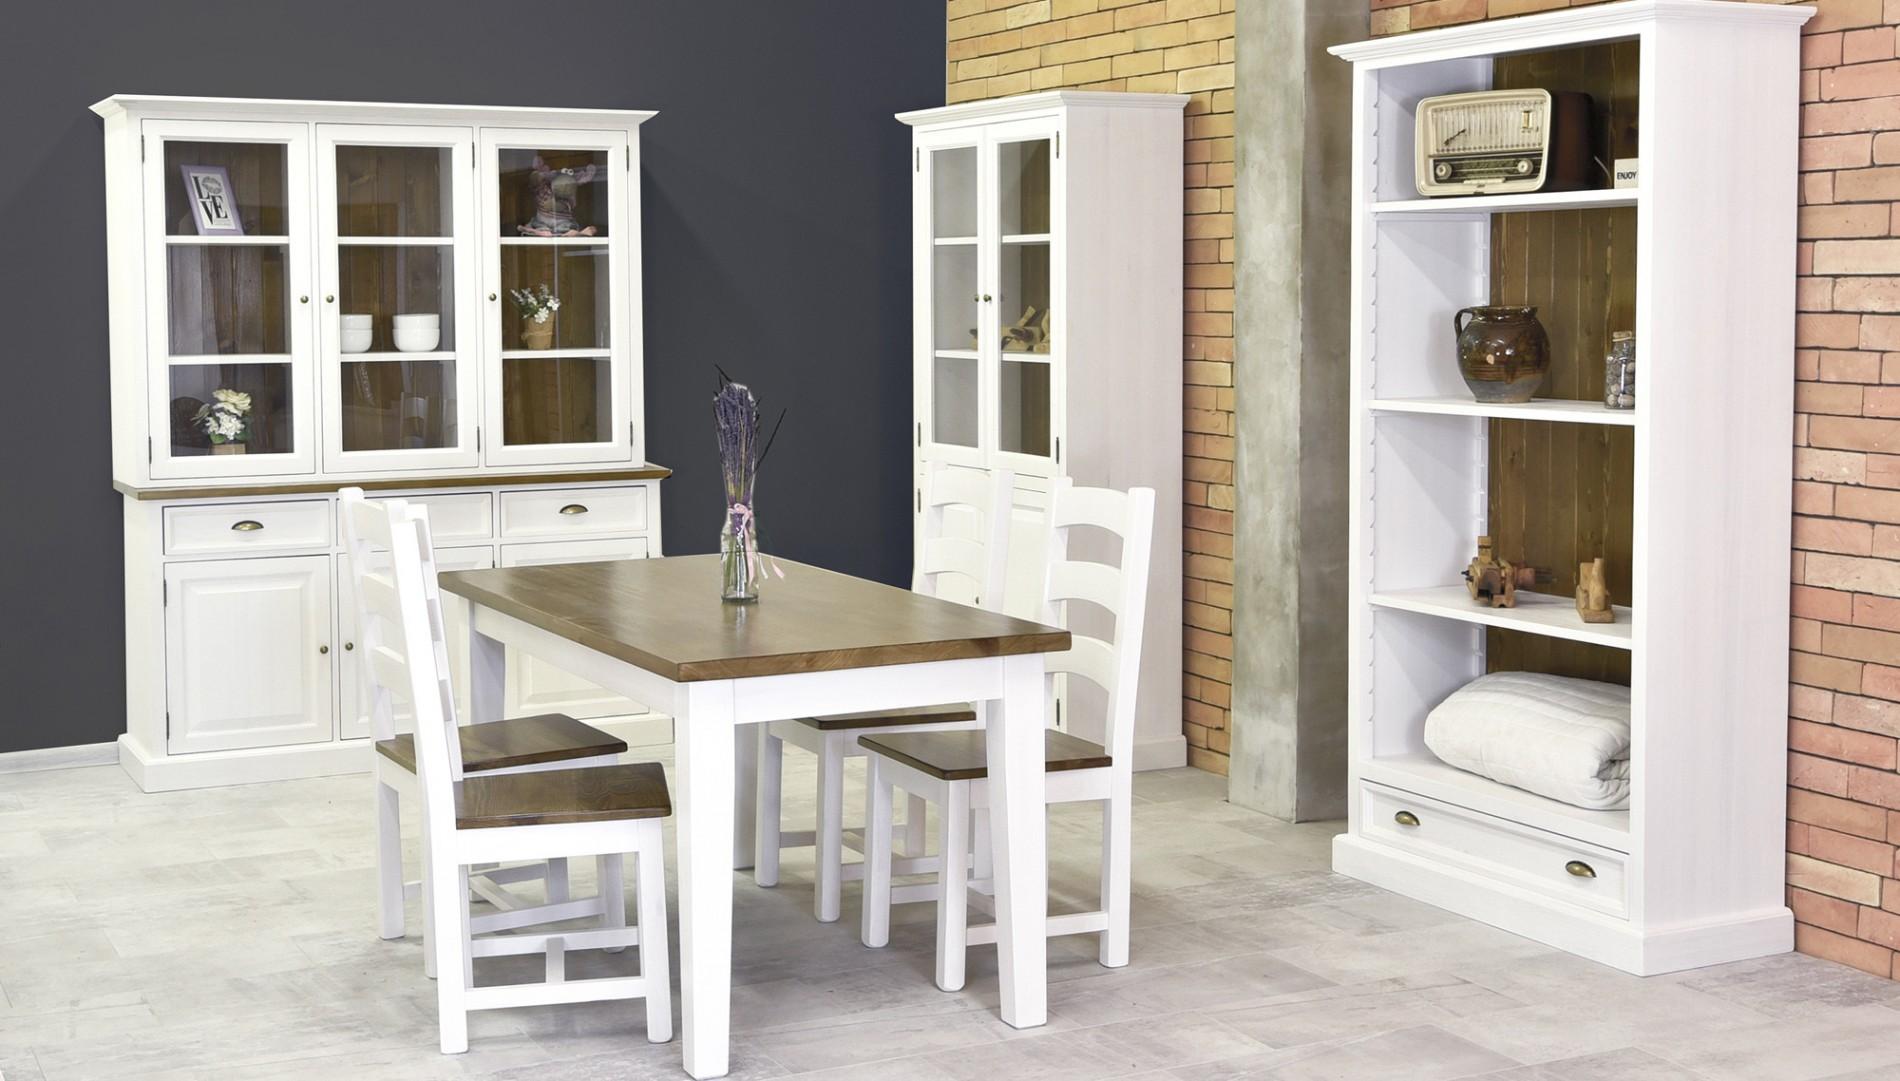 Modern étkezőasztal és világos székek